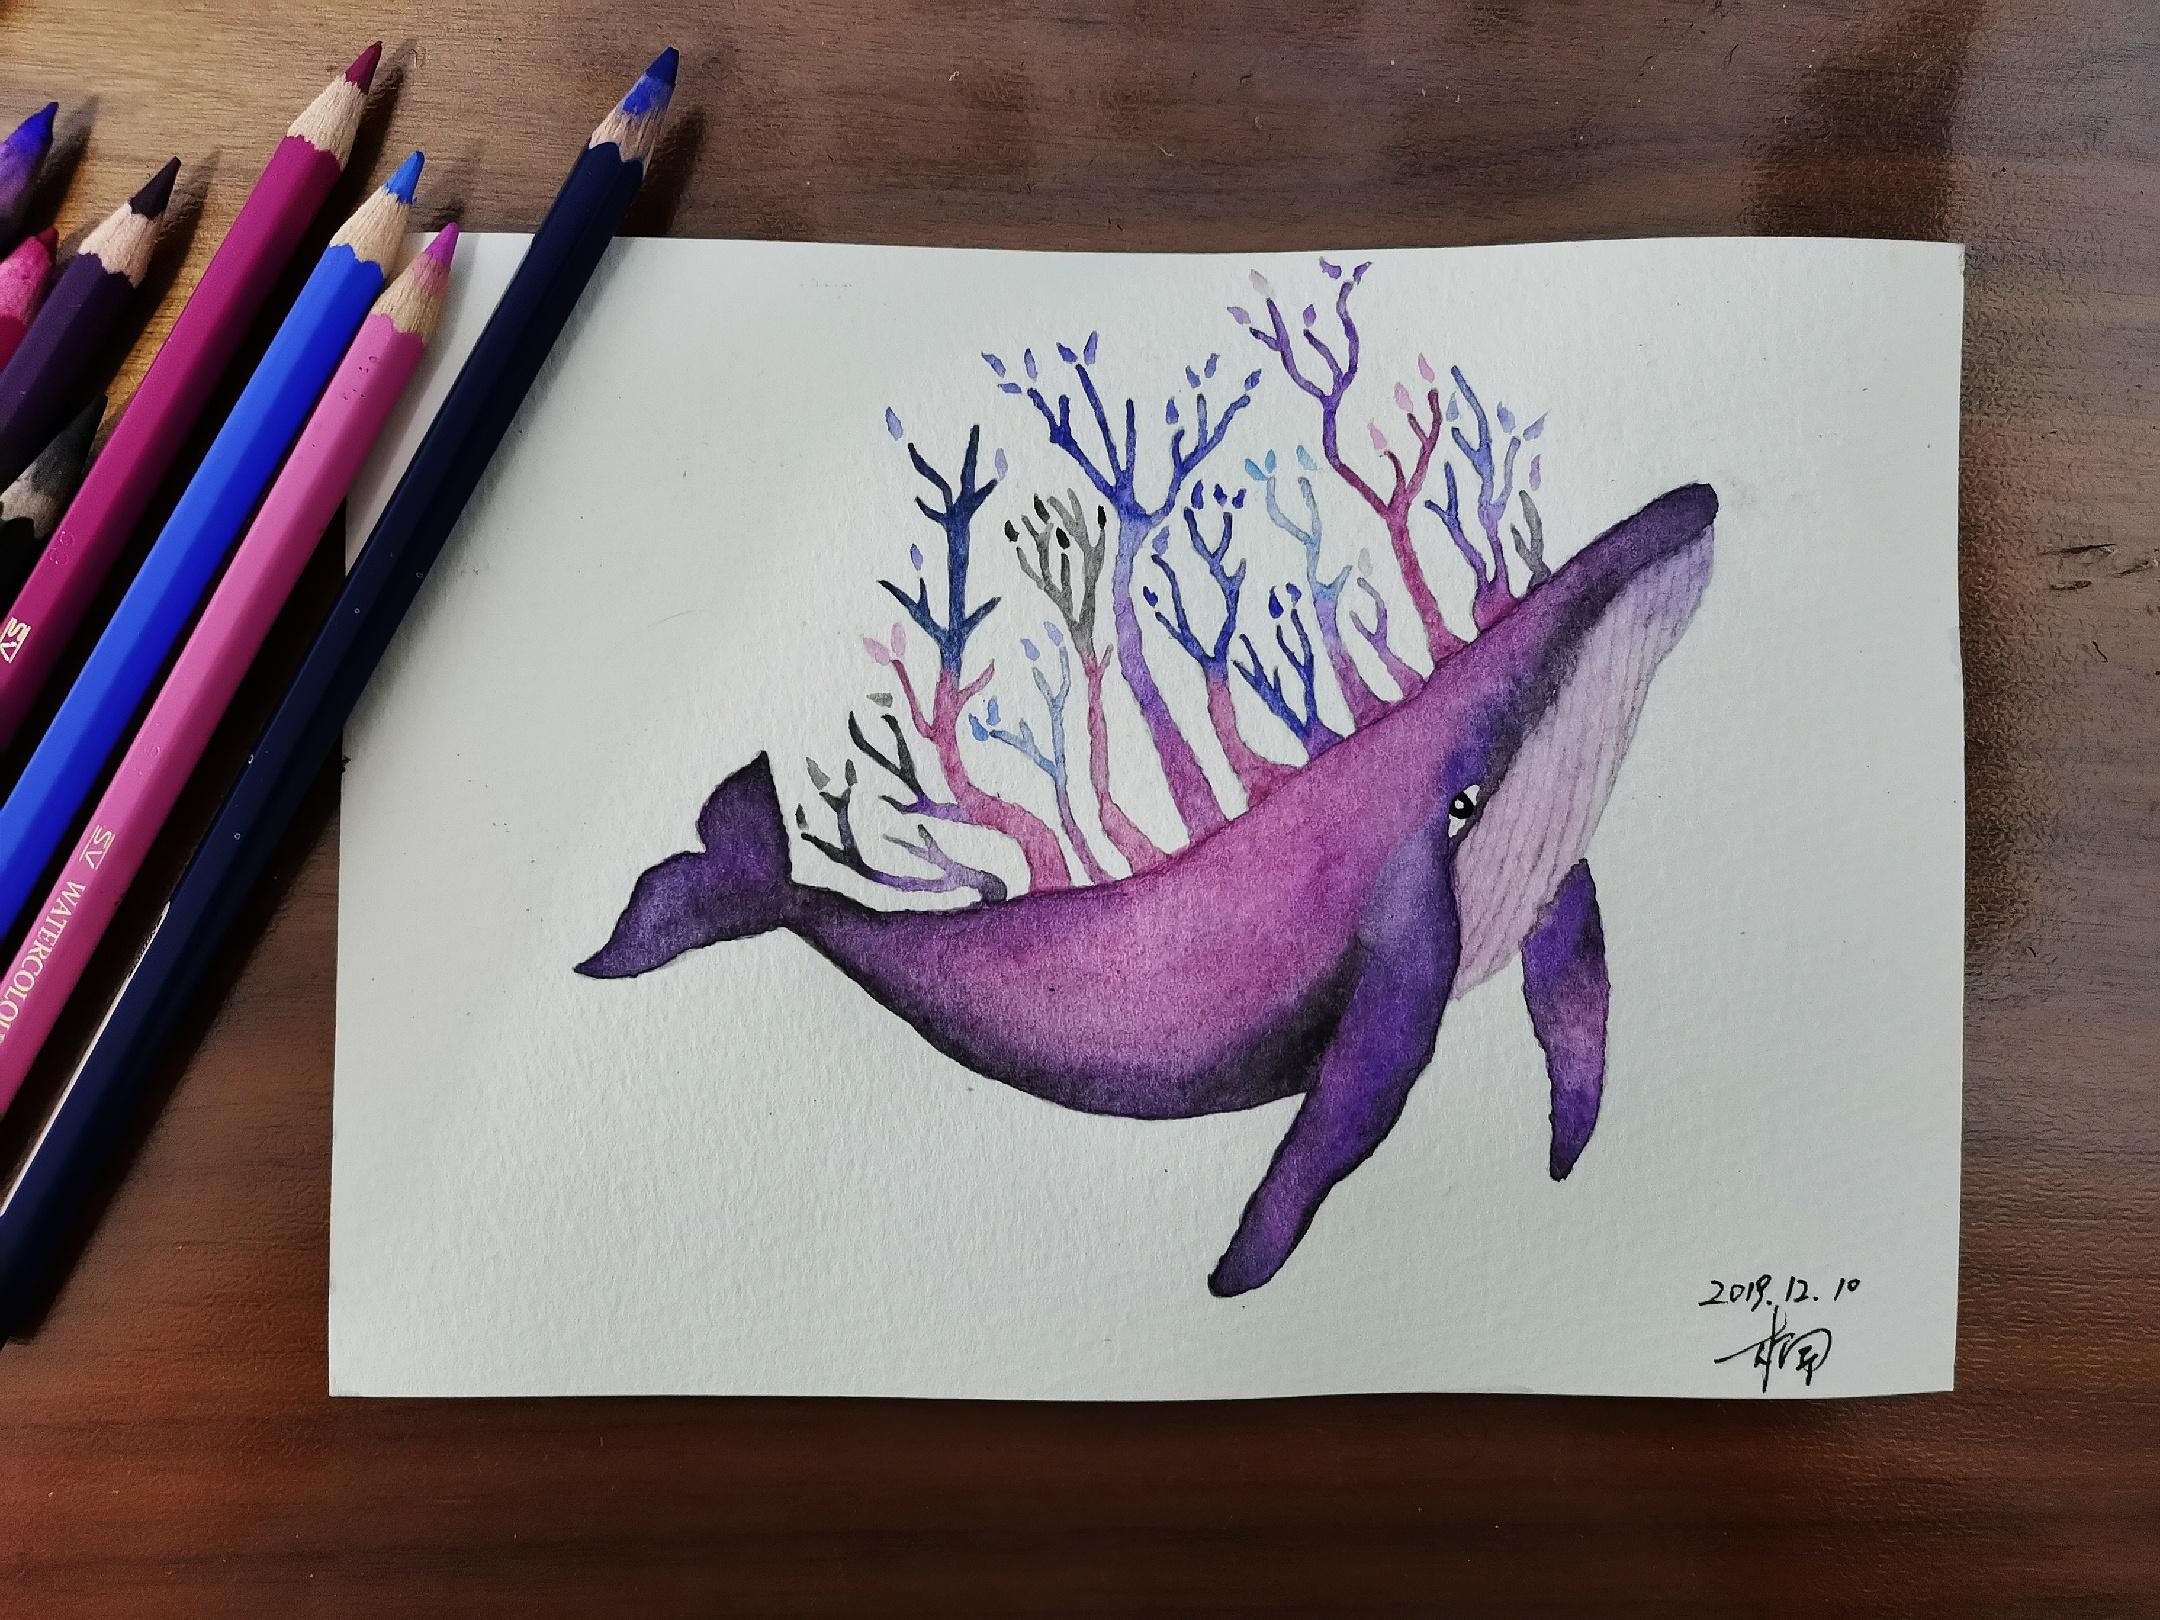 水溶彩铅鲸鱼图片